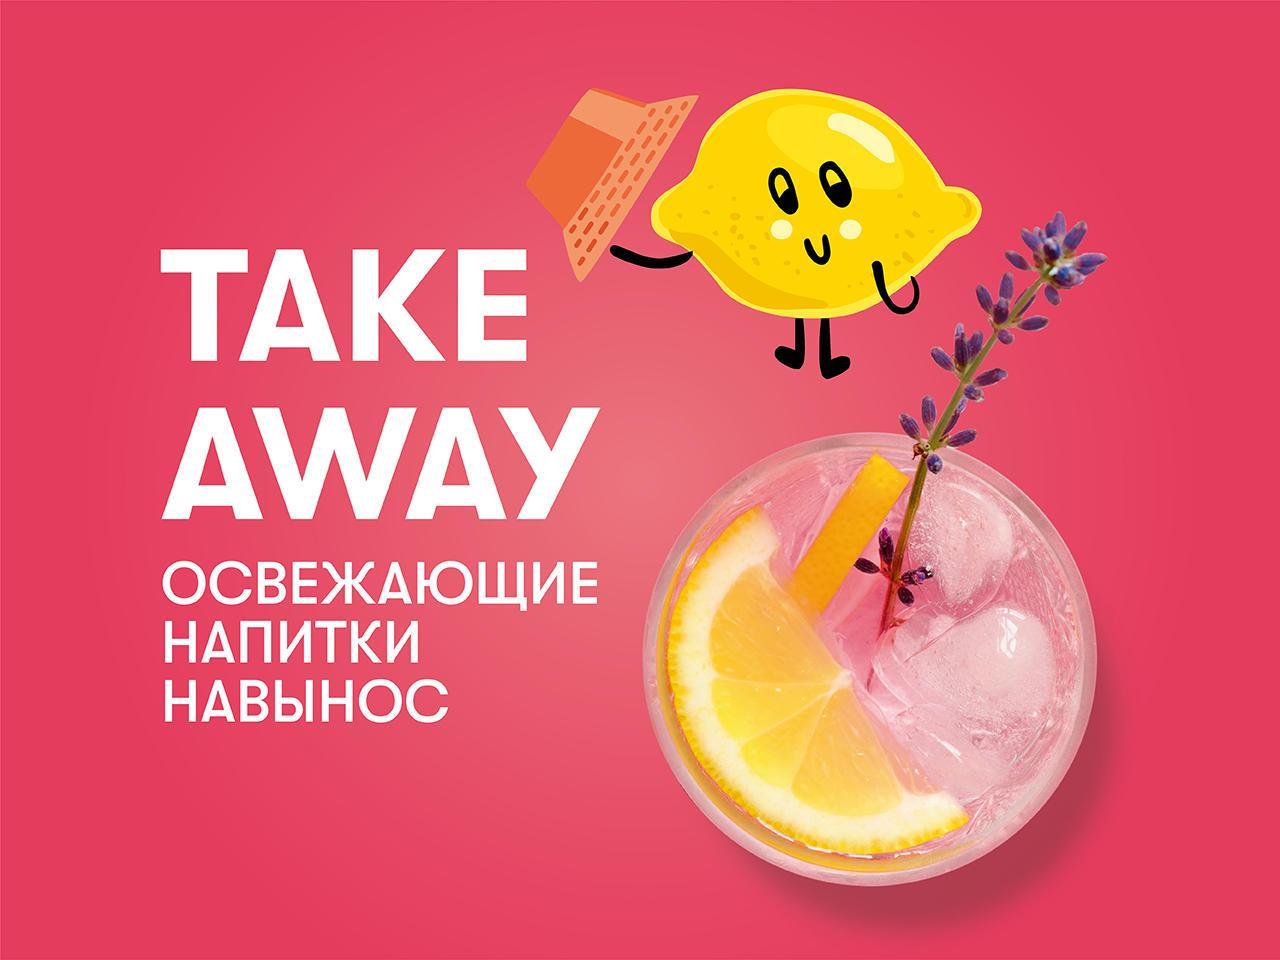 Освежающие напитки навынос от Ч1 Братьев Васильчуков